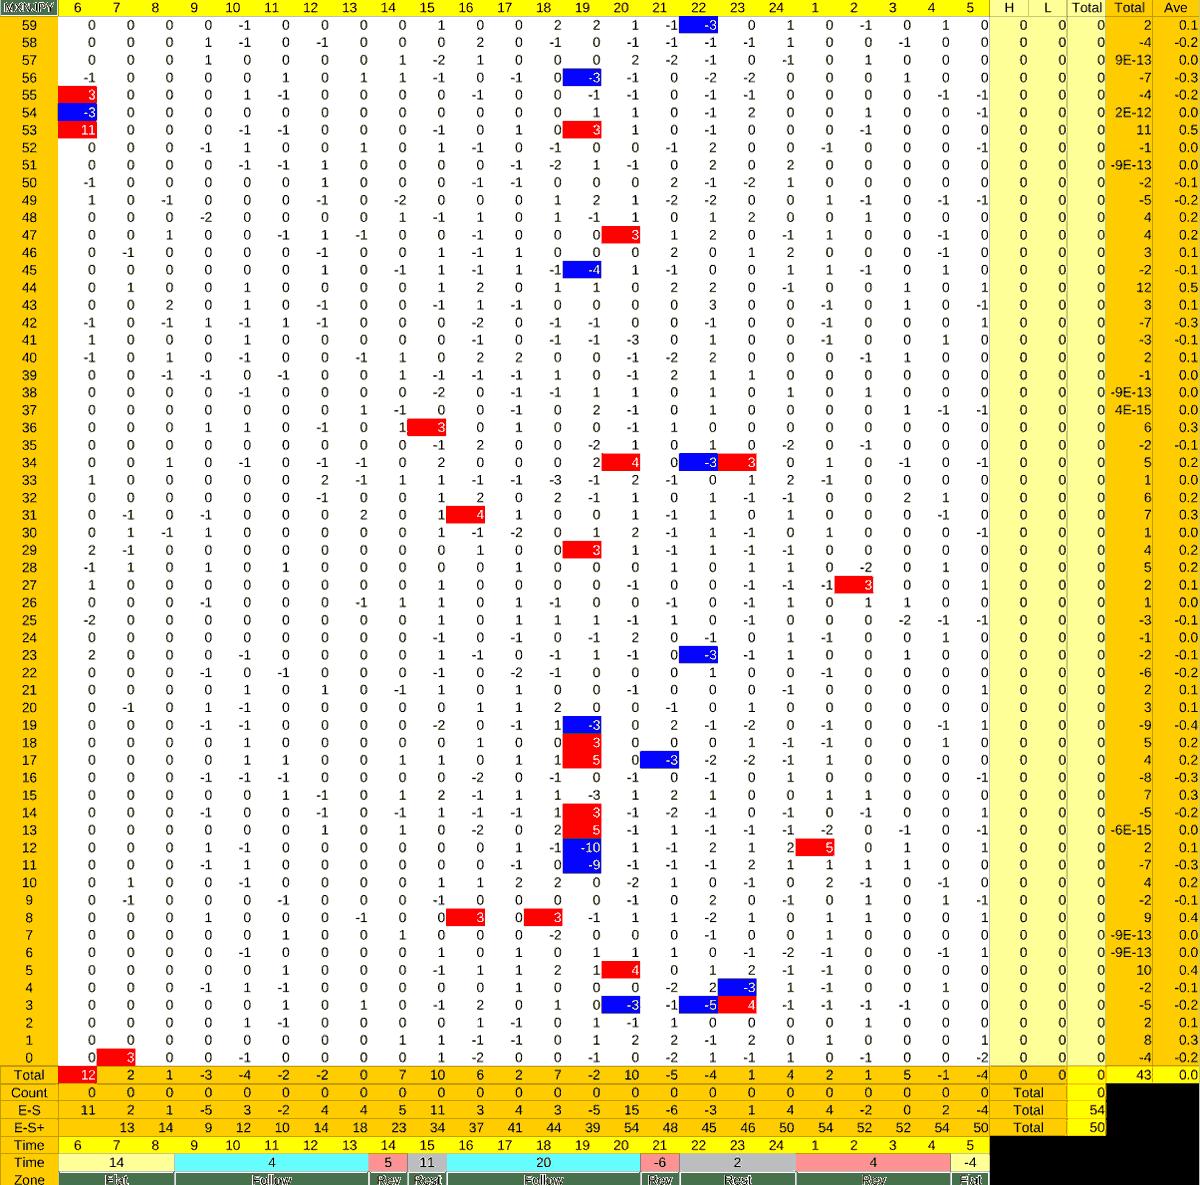 20210923_HS(3)MXNJPY-min